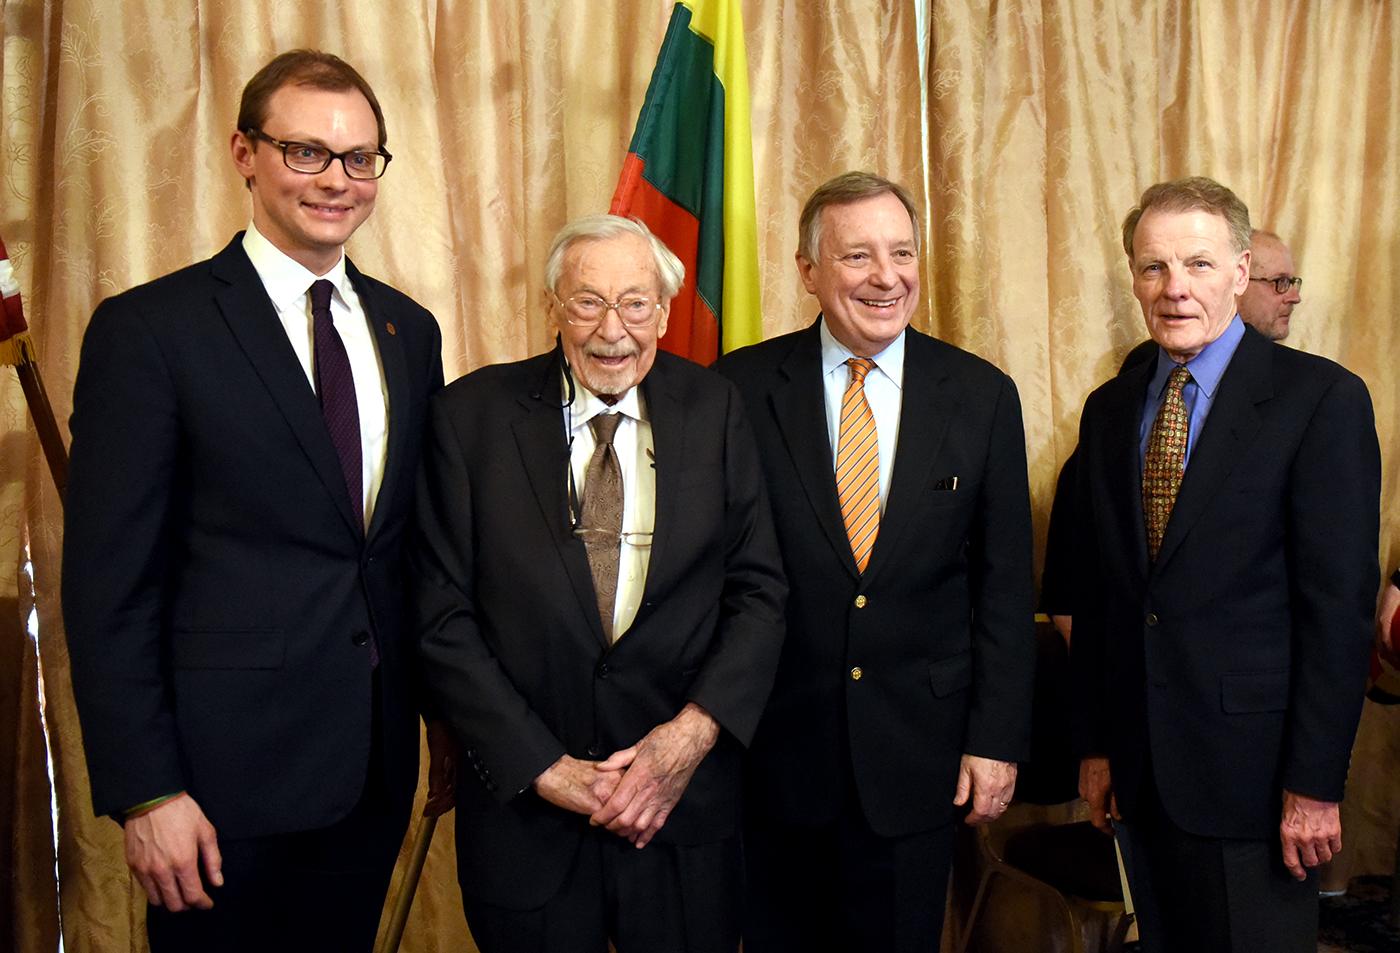 (Iš k.) Generalinis konsulas Čikagoje M. Bekešius, muziejaus įkūrėjas S. Balzekas Jr., senatorius D. Durbin ir Ilinojaus Atstovų rūmų pirmininkas M. J. Madigan turėjo apie ką pasikalbėti.